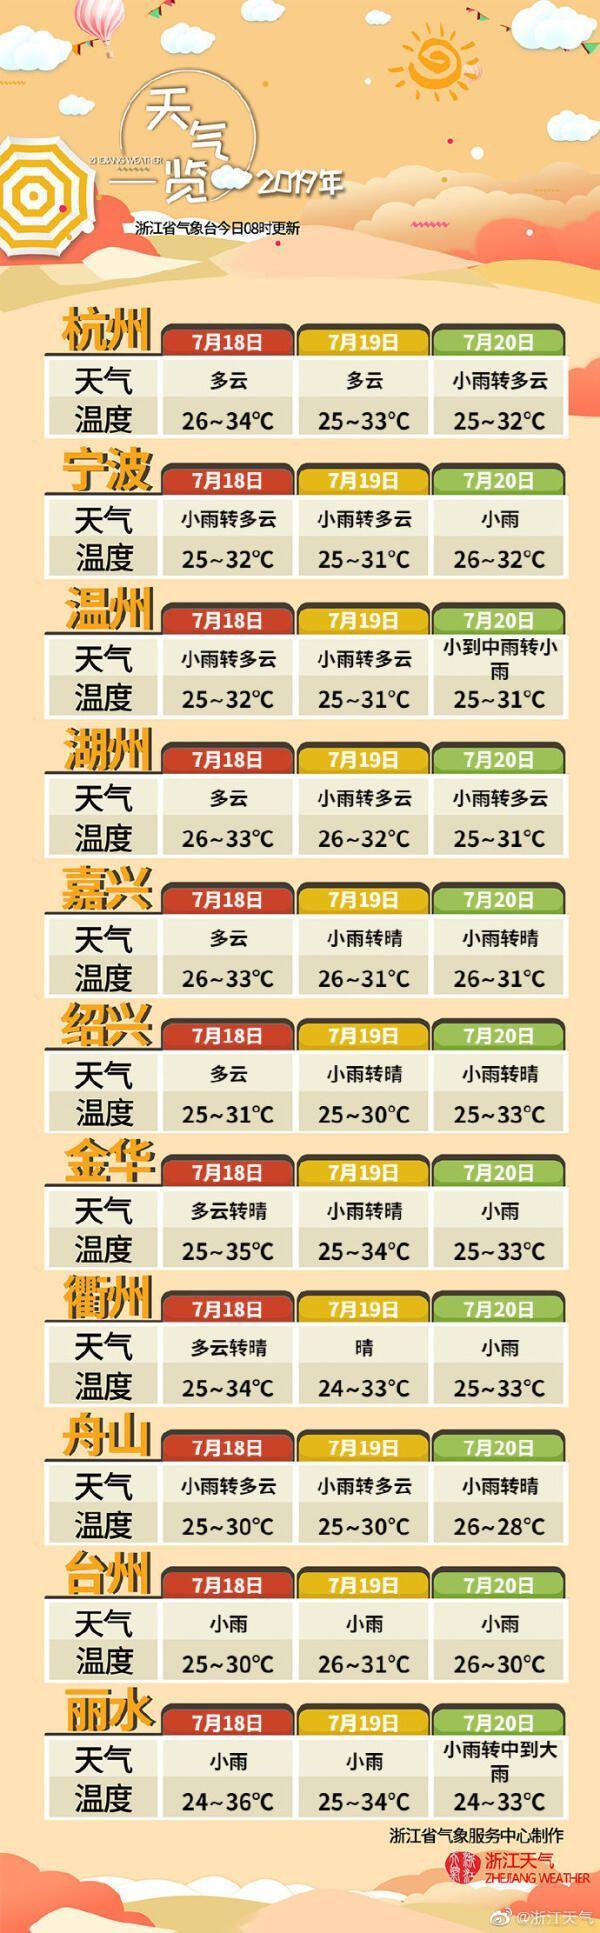 未来3天天气.jpg